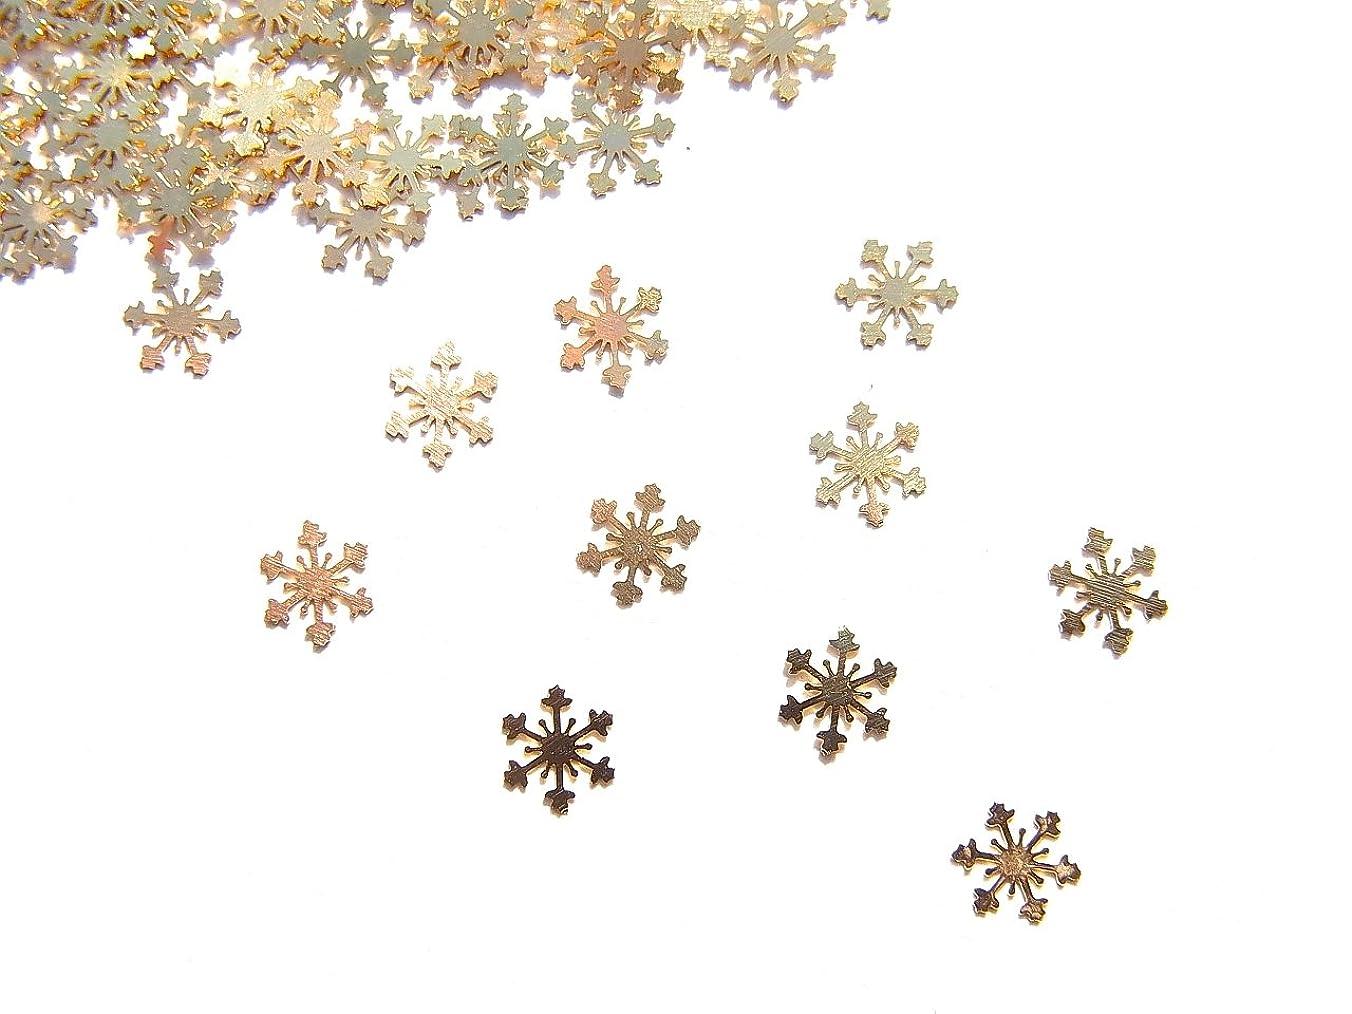 感情めんどり投票【jewel】薄型ネイルパーツ ゴールド 結晶10個